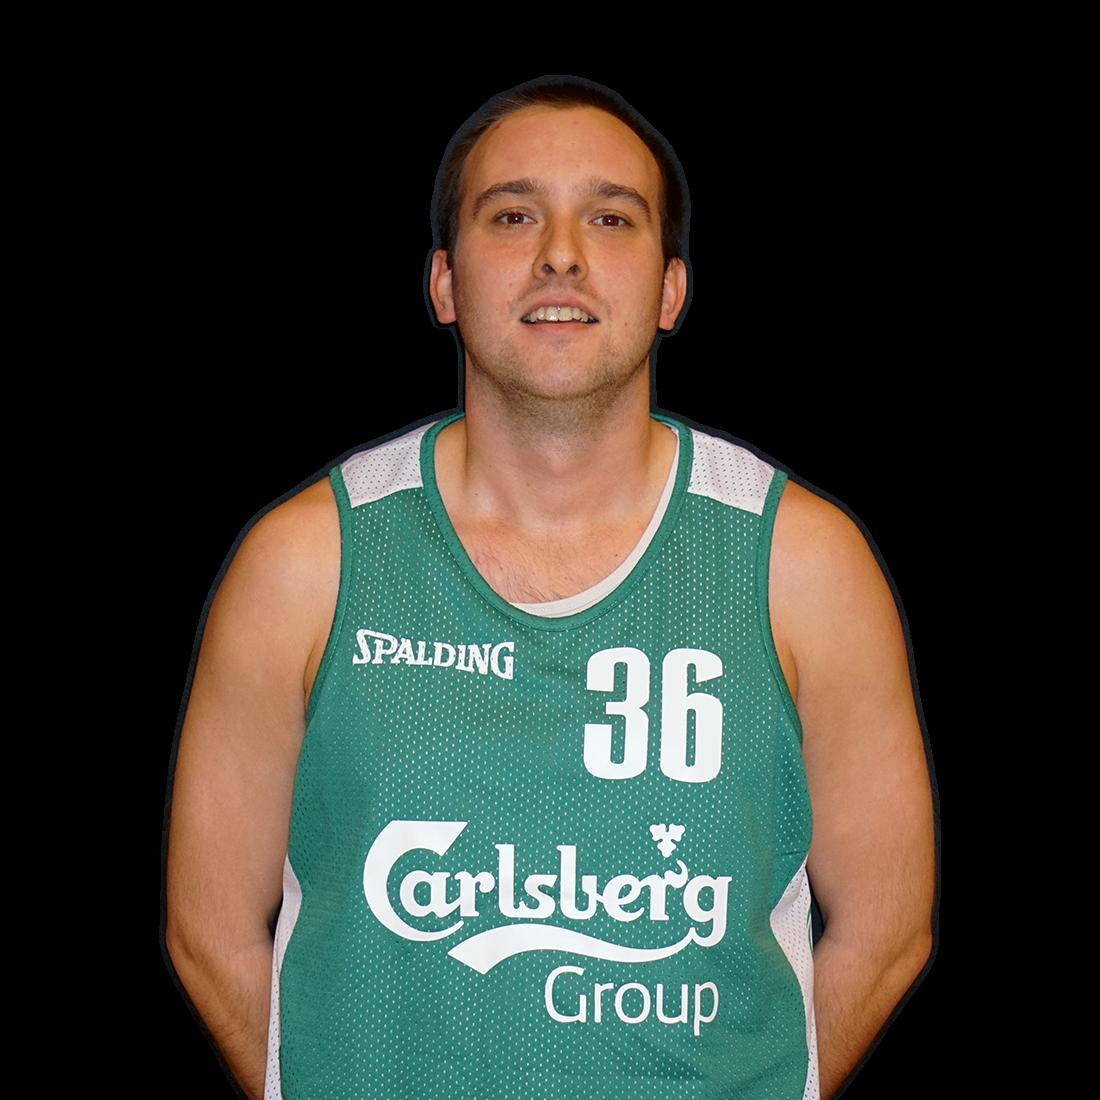 Kacper Krysiak